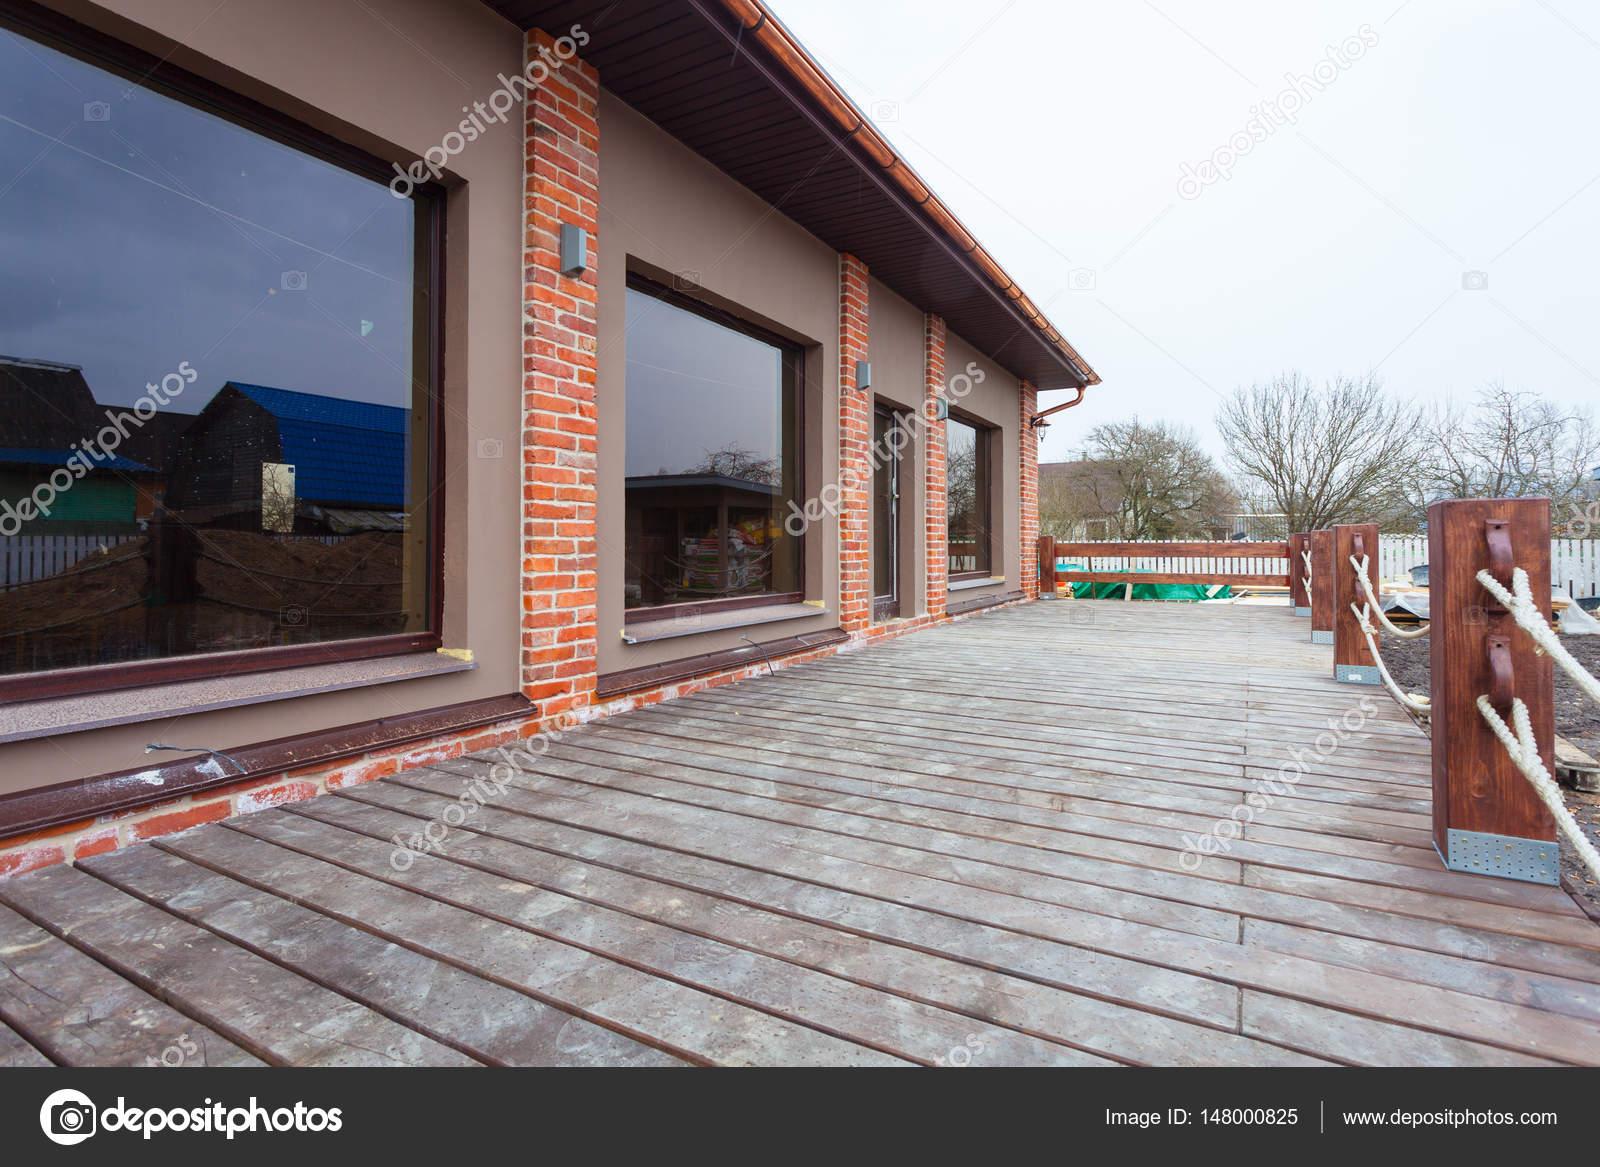 Das Moderne Haus Mit Großen Fenstern Und Mit Großen Holzterrasse ...